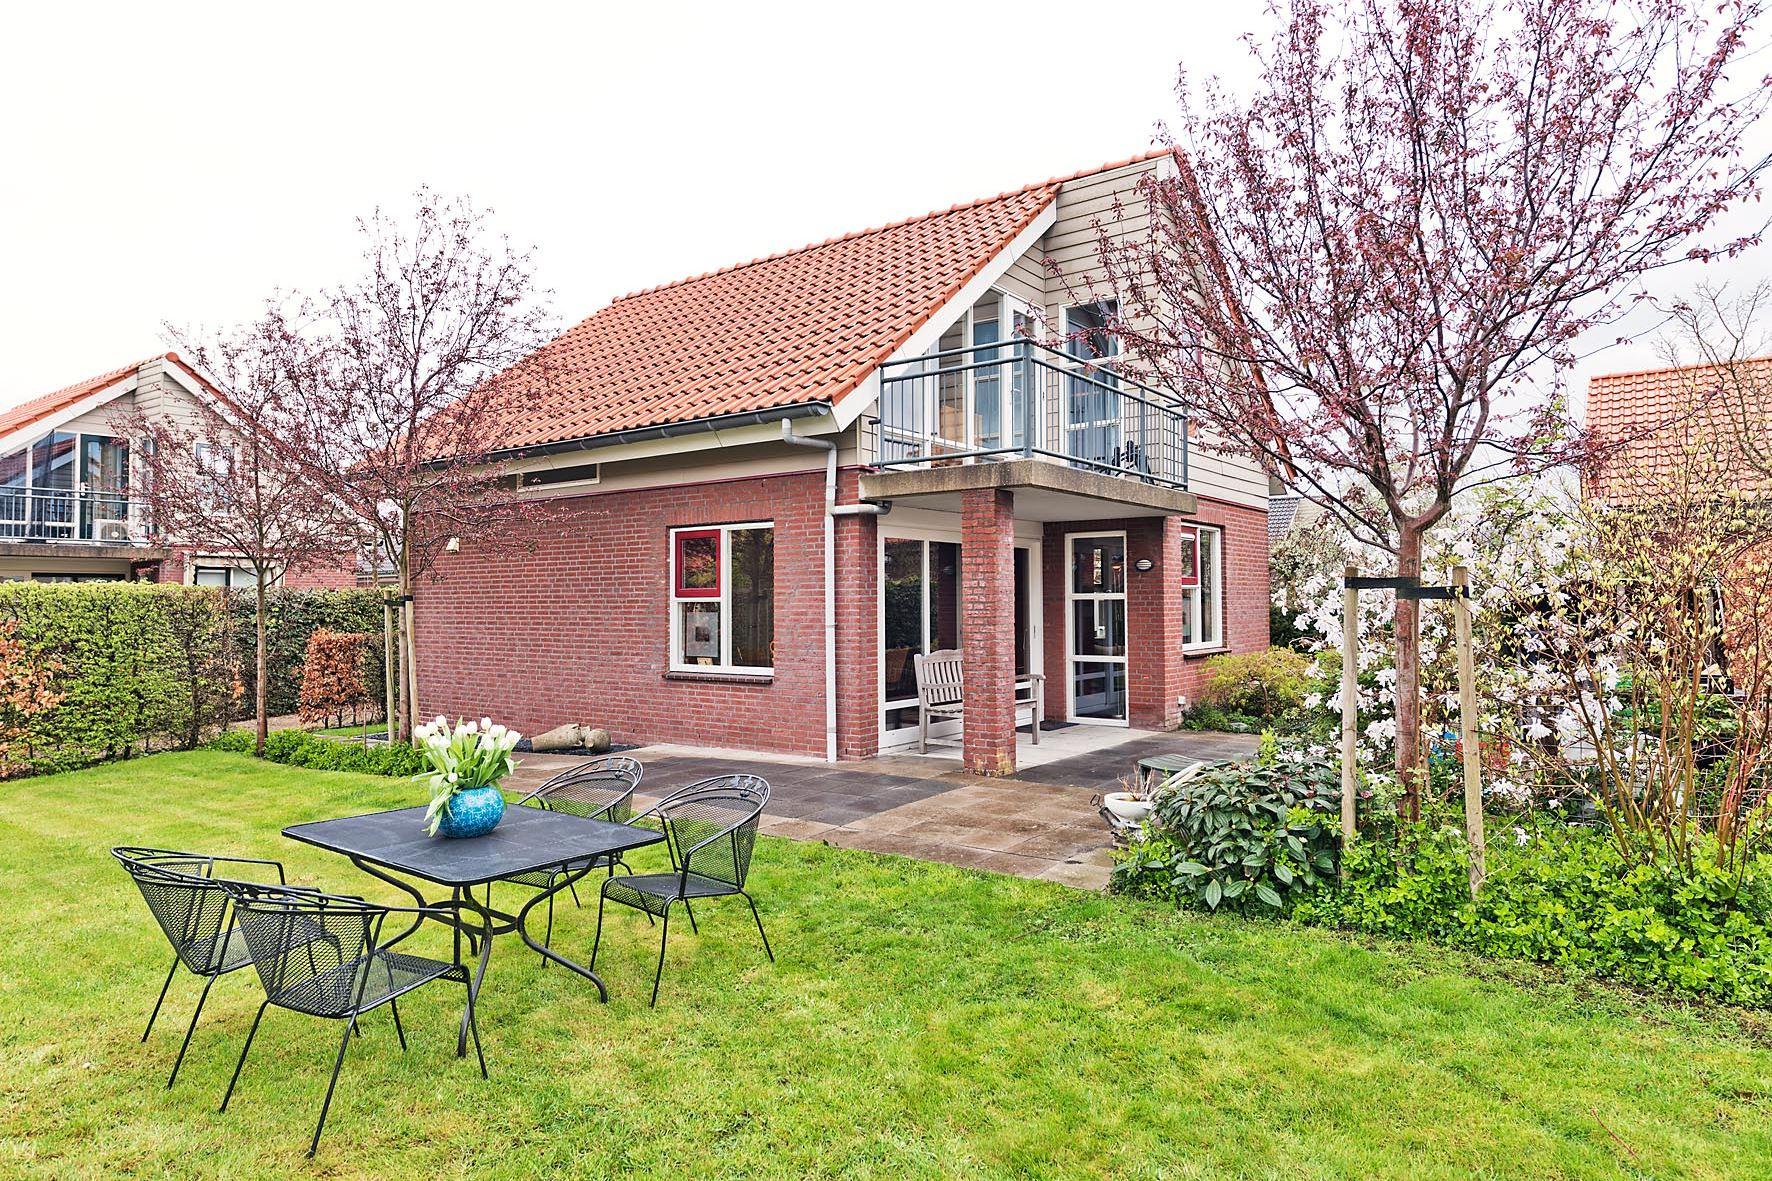 Huis te koop aderweg 8 r73 2371 ah roelofarendsveen funda for Huis zichtbaar maken google streetview